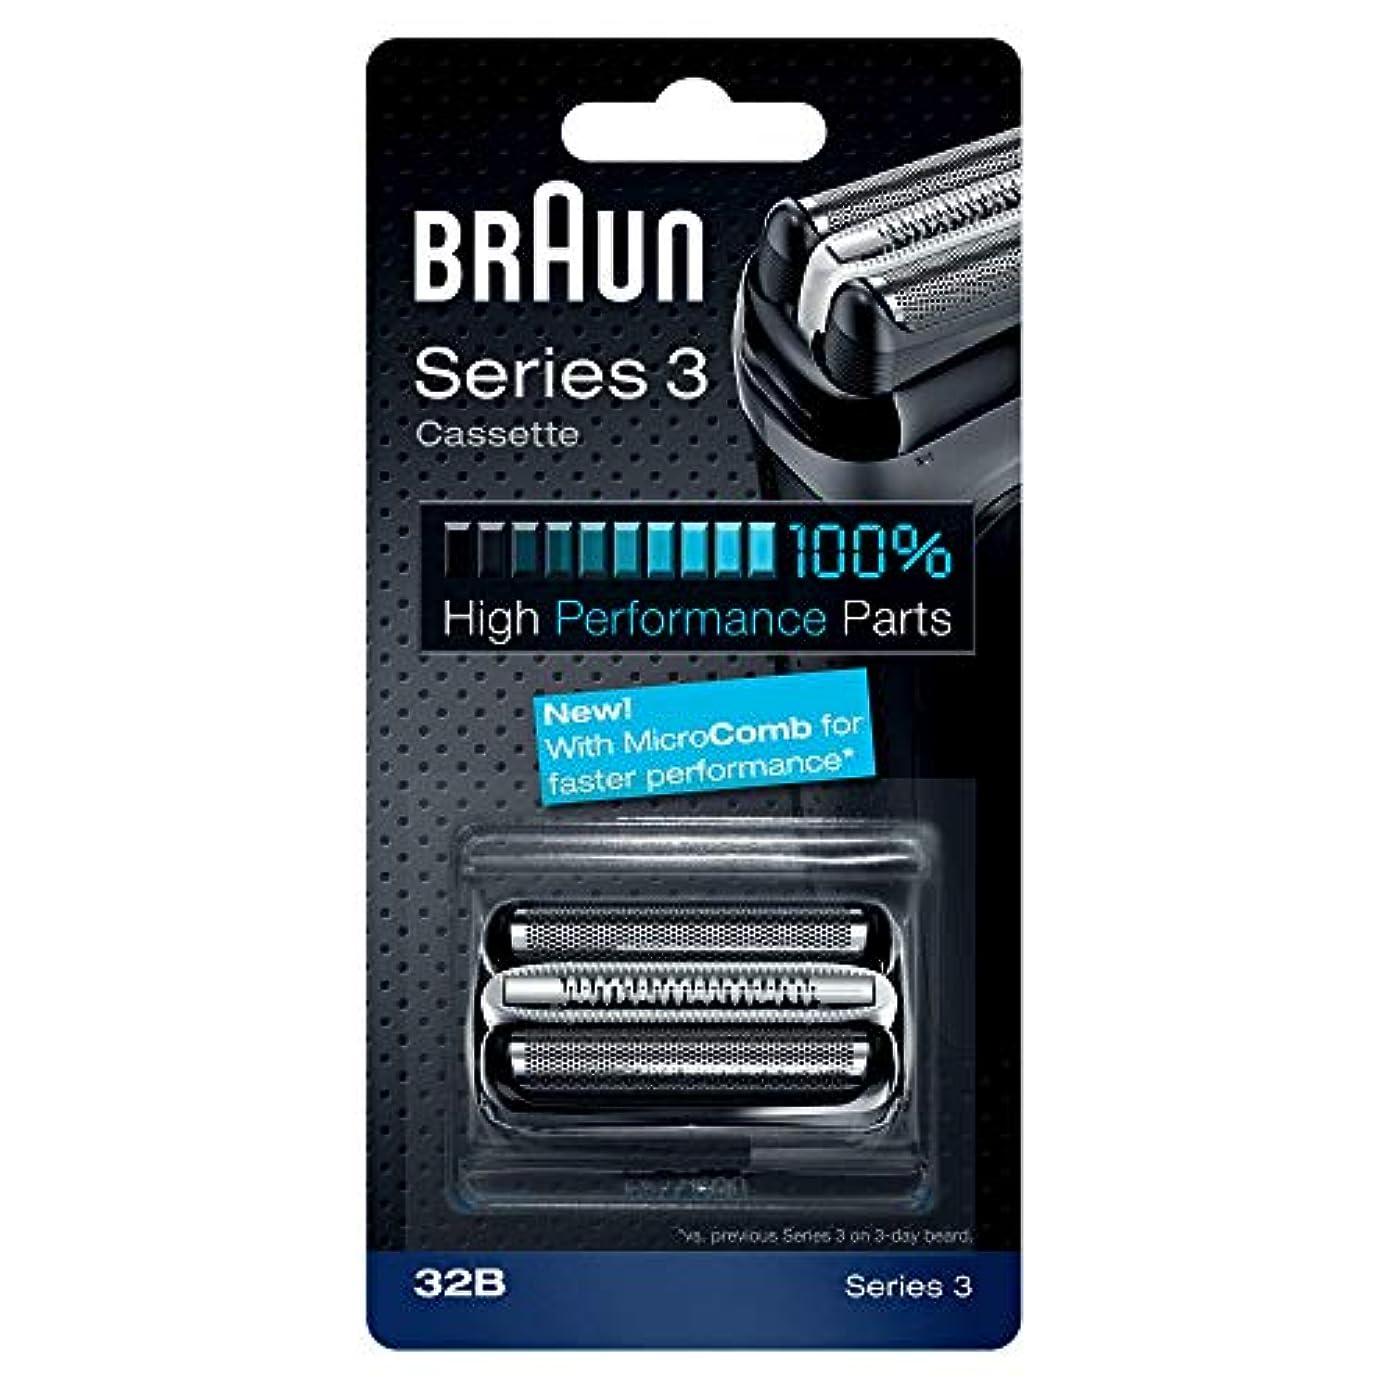 シャープクリーム四分円BRAUN 32B Series 3 Shaver Cassette MicroComb交換ヘッドをフォイルカッター& [並行輸入品]